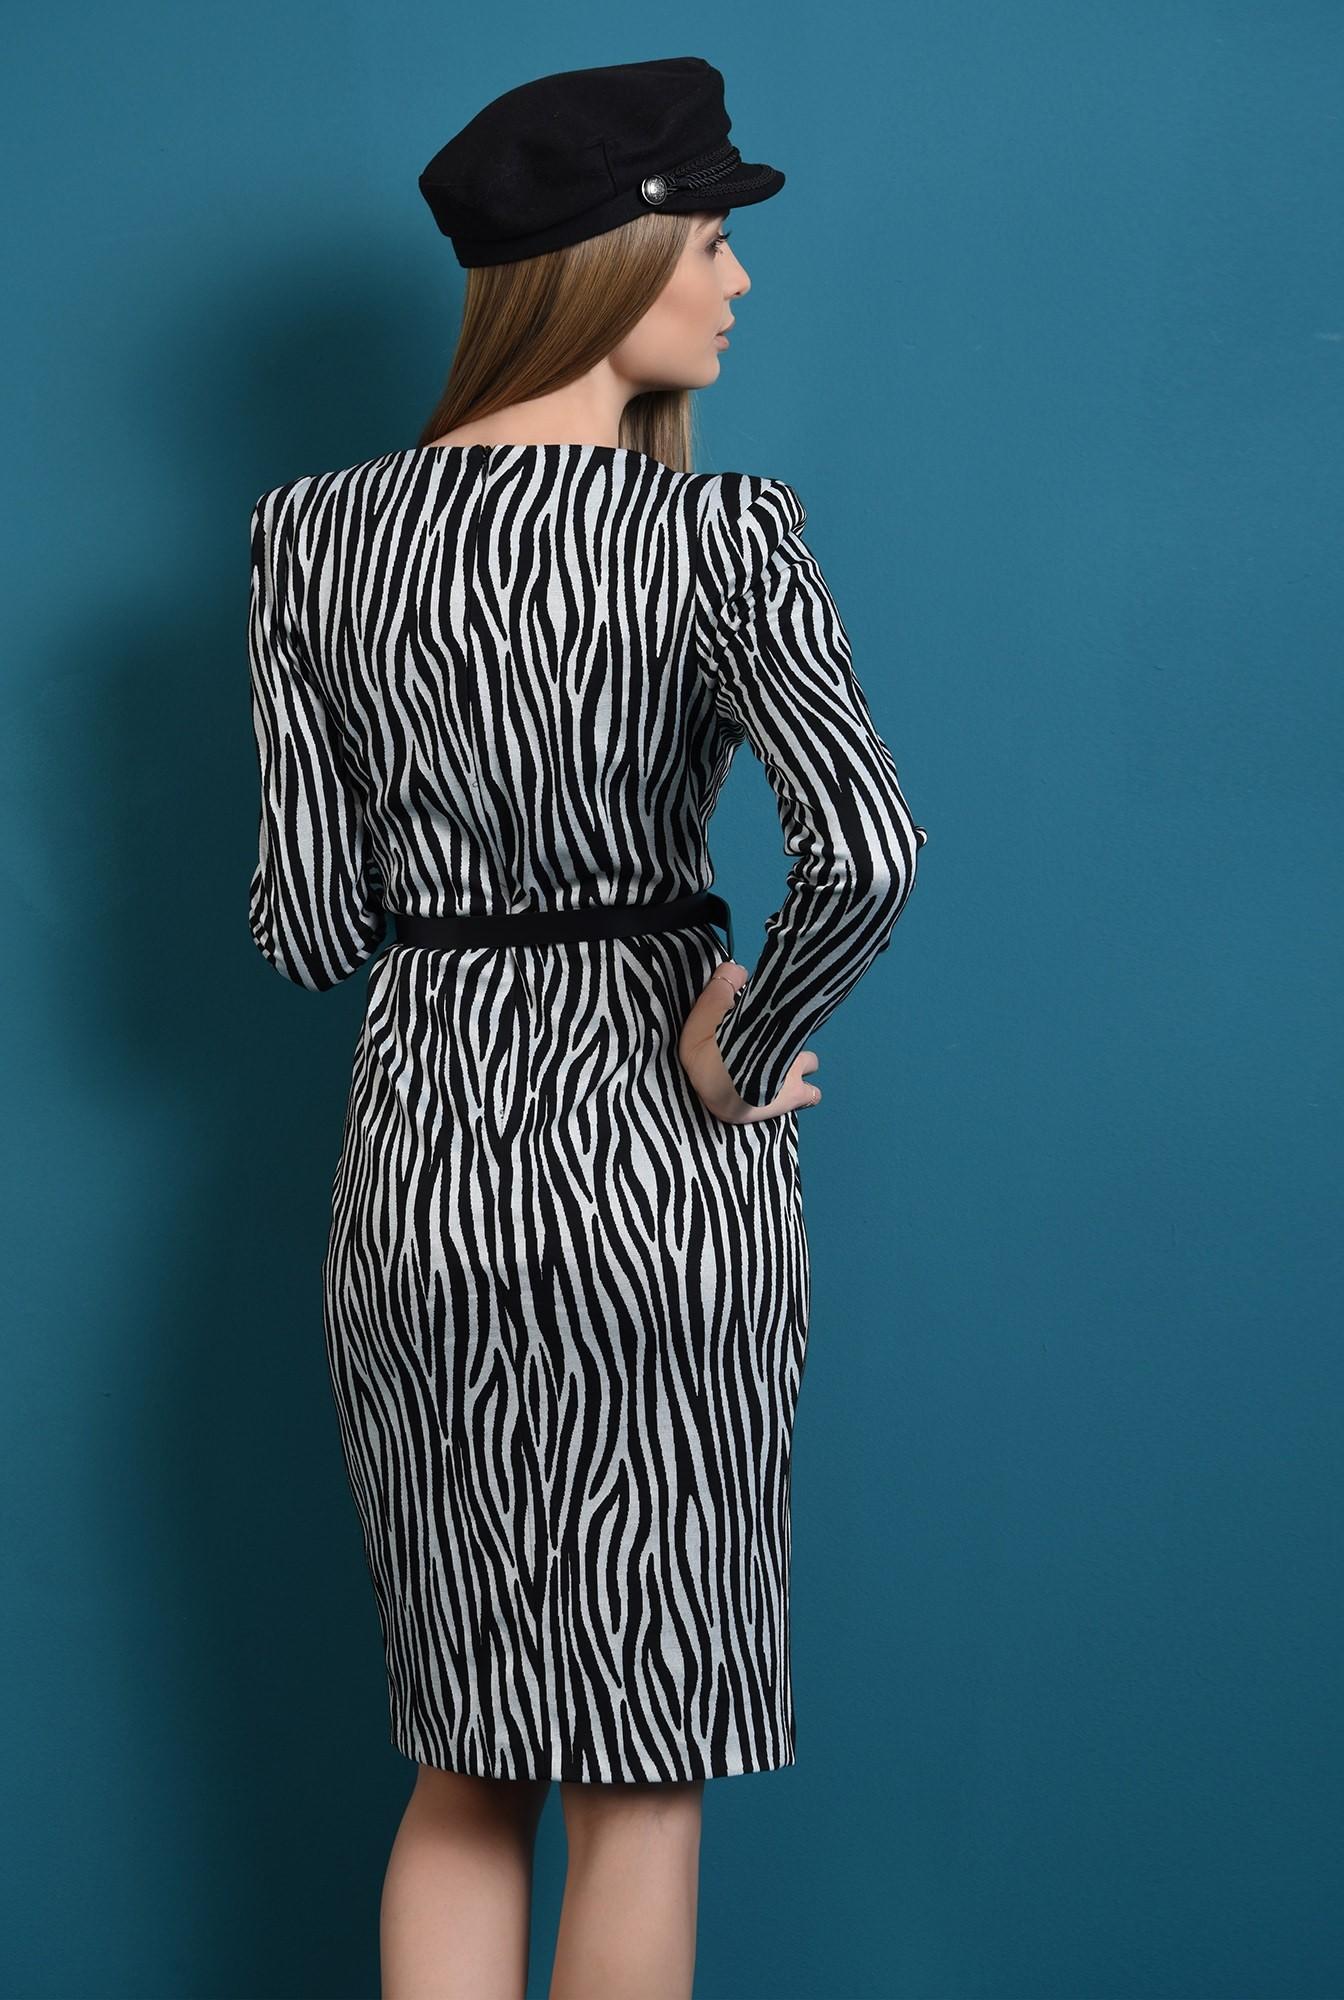 1 - rochie in dungi, cu slit lateral, cu umeri accentuati